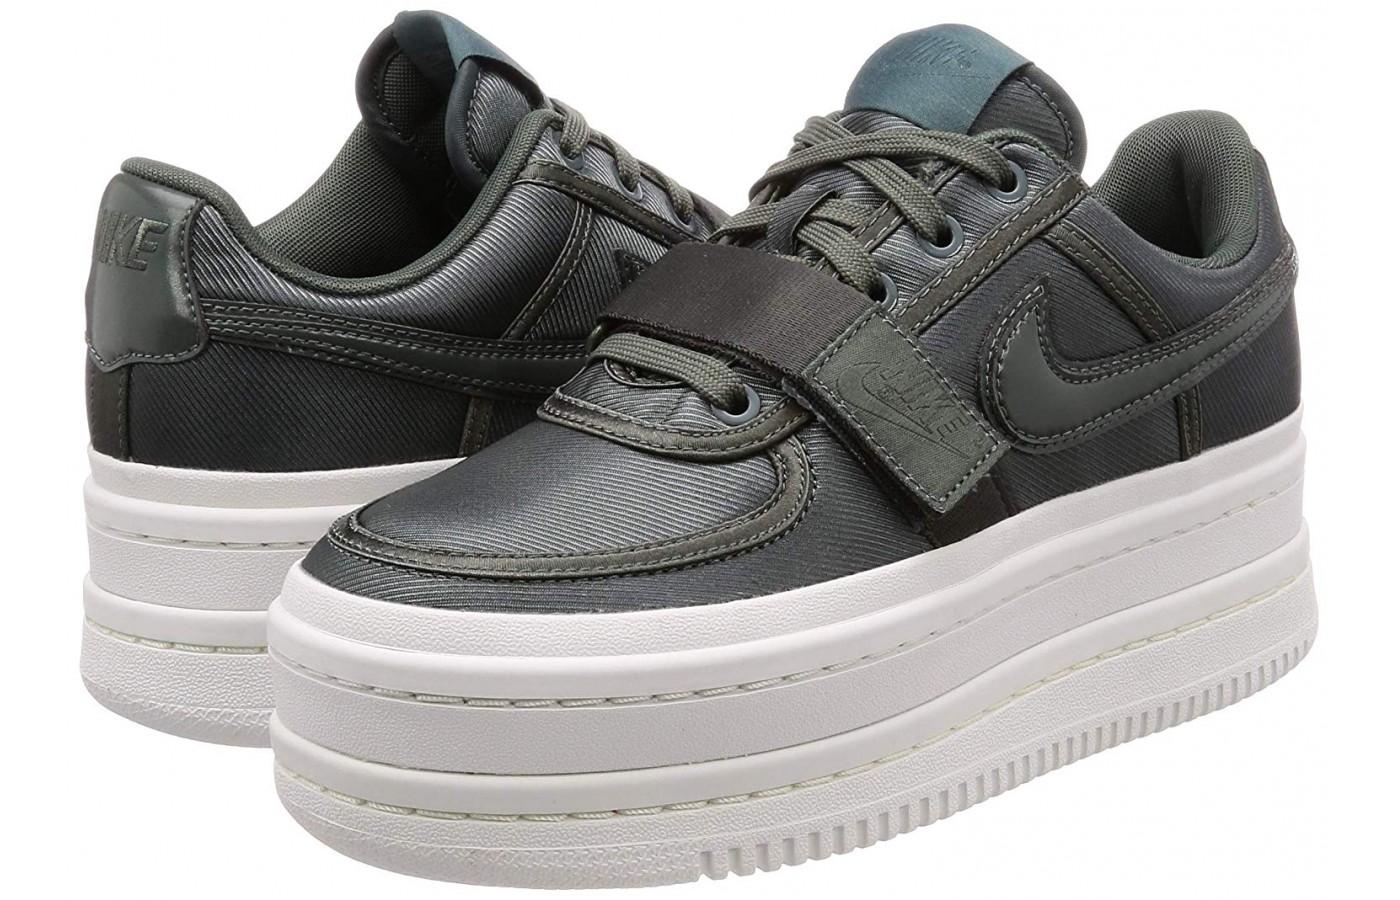 Nike Vandal 2k Pair